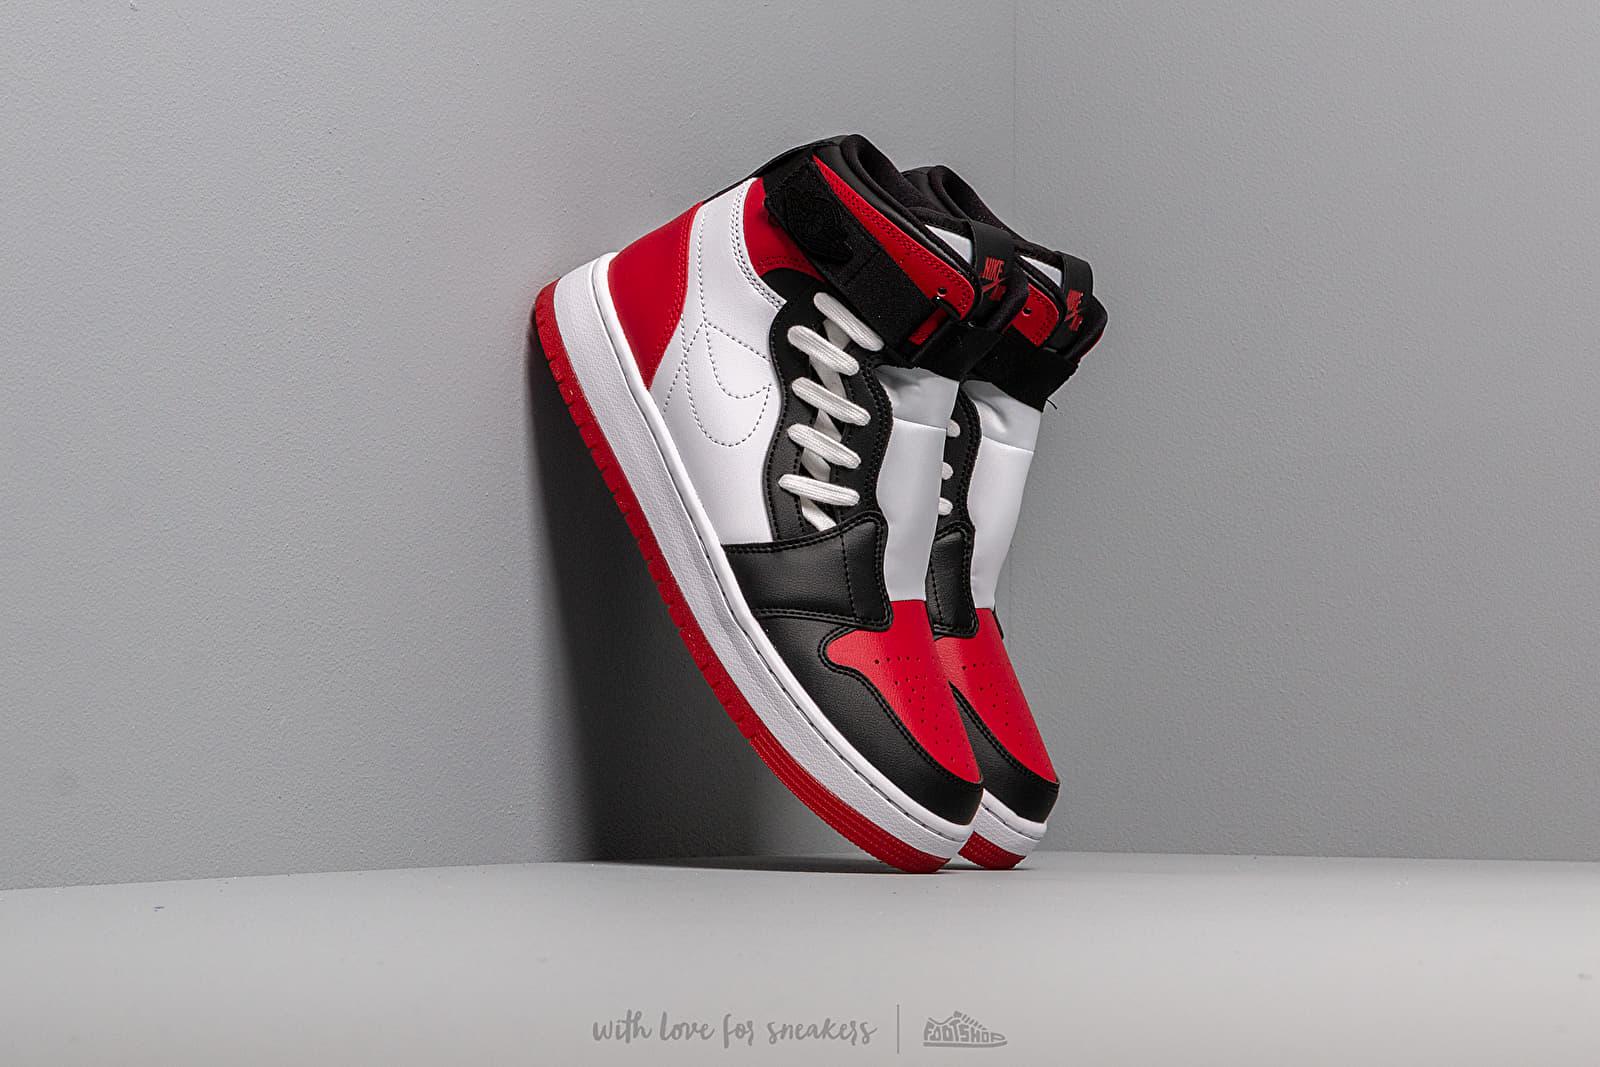 Air Jordan Wmns 1 Nova XX White/ Gym Red-Black za skvelú cenu 117 € kúpite na Footshop.sk